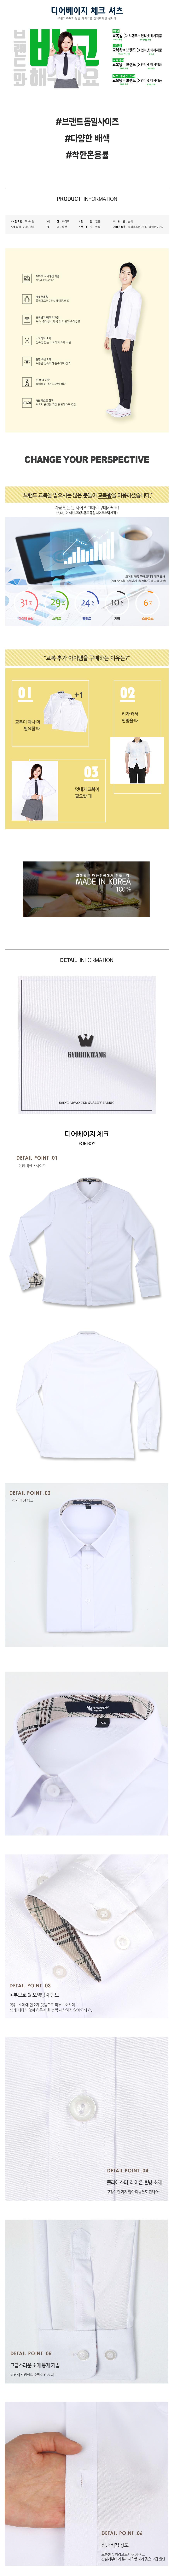 남자 교복 와이셔츠 디어베이지 체크 - 교복왕, 19,800원, 남성 스쿨룩, 상의